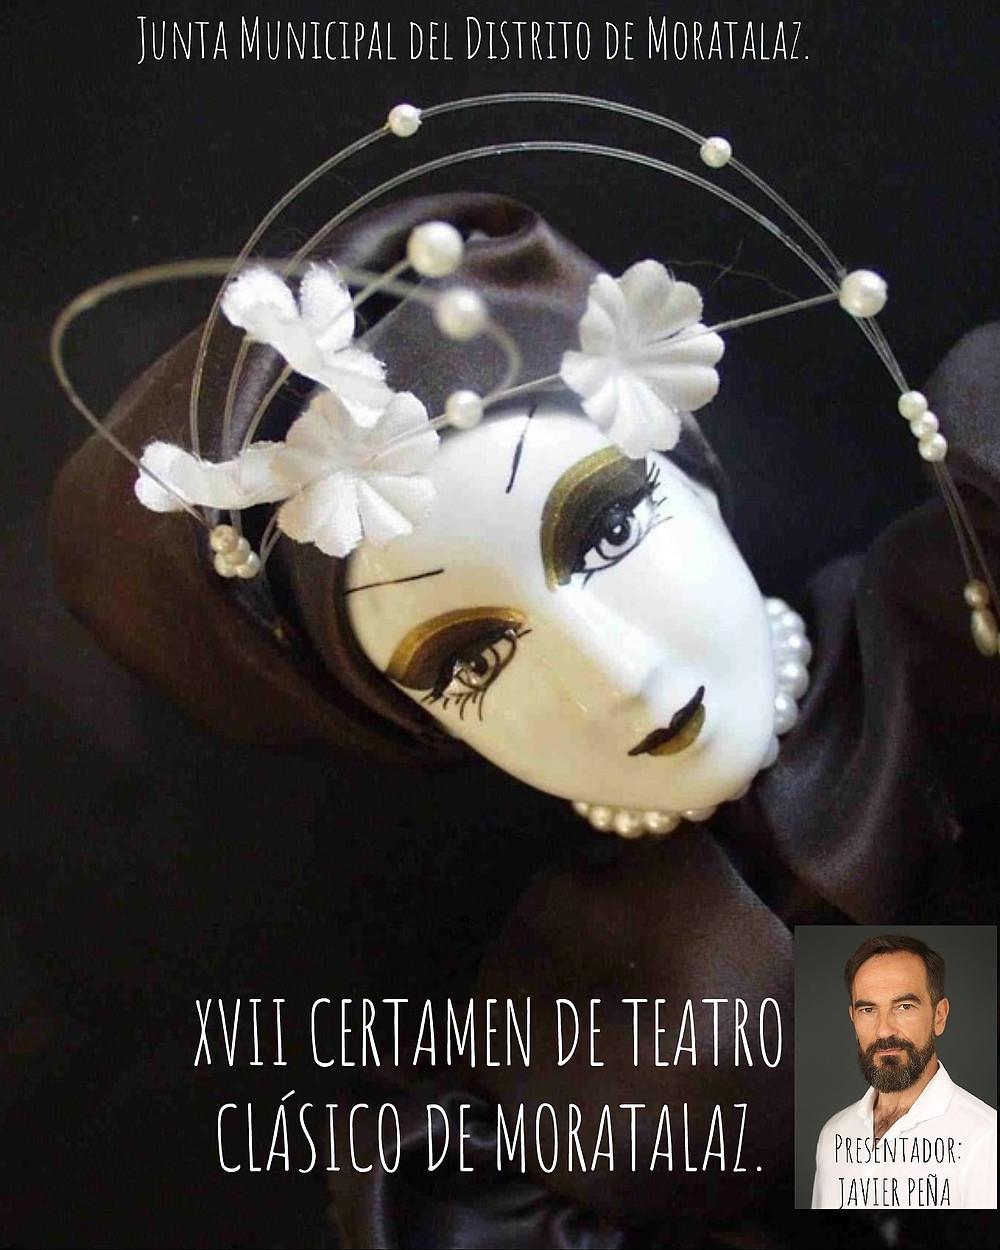 Cartel promocional del XVII Certamen de Teatro Clásico de Moratalaz.